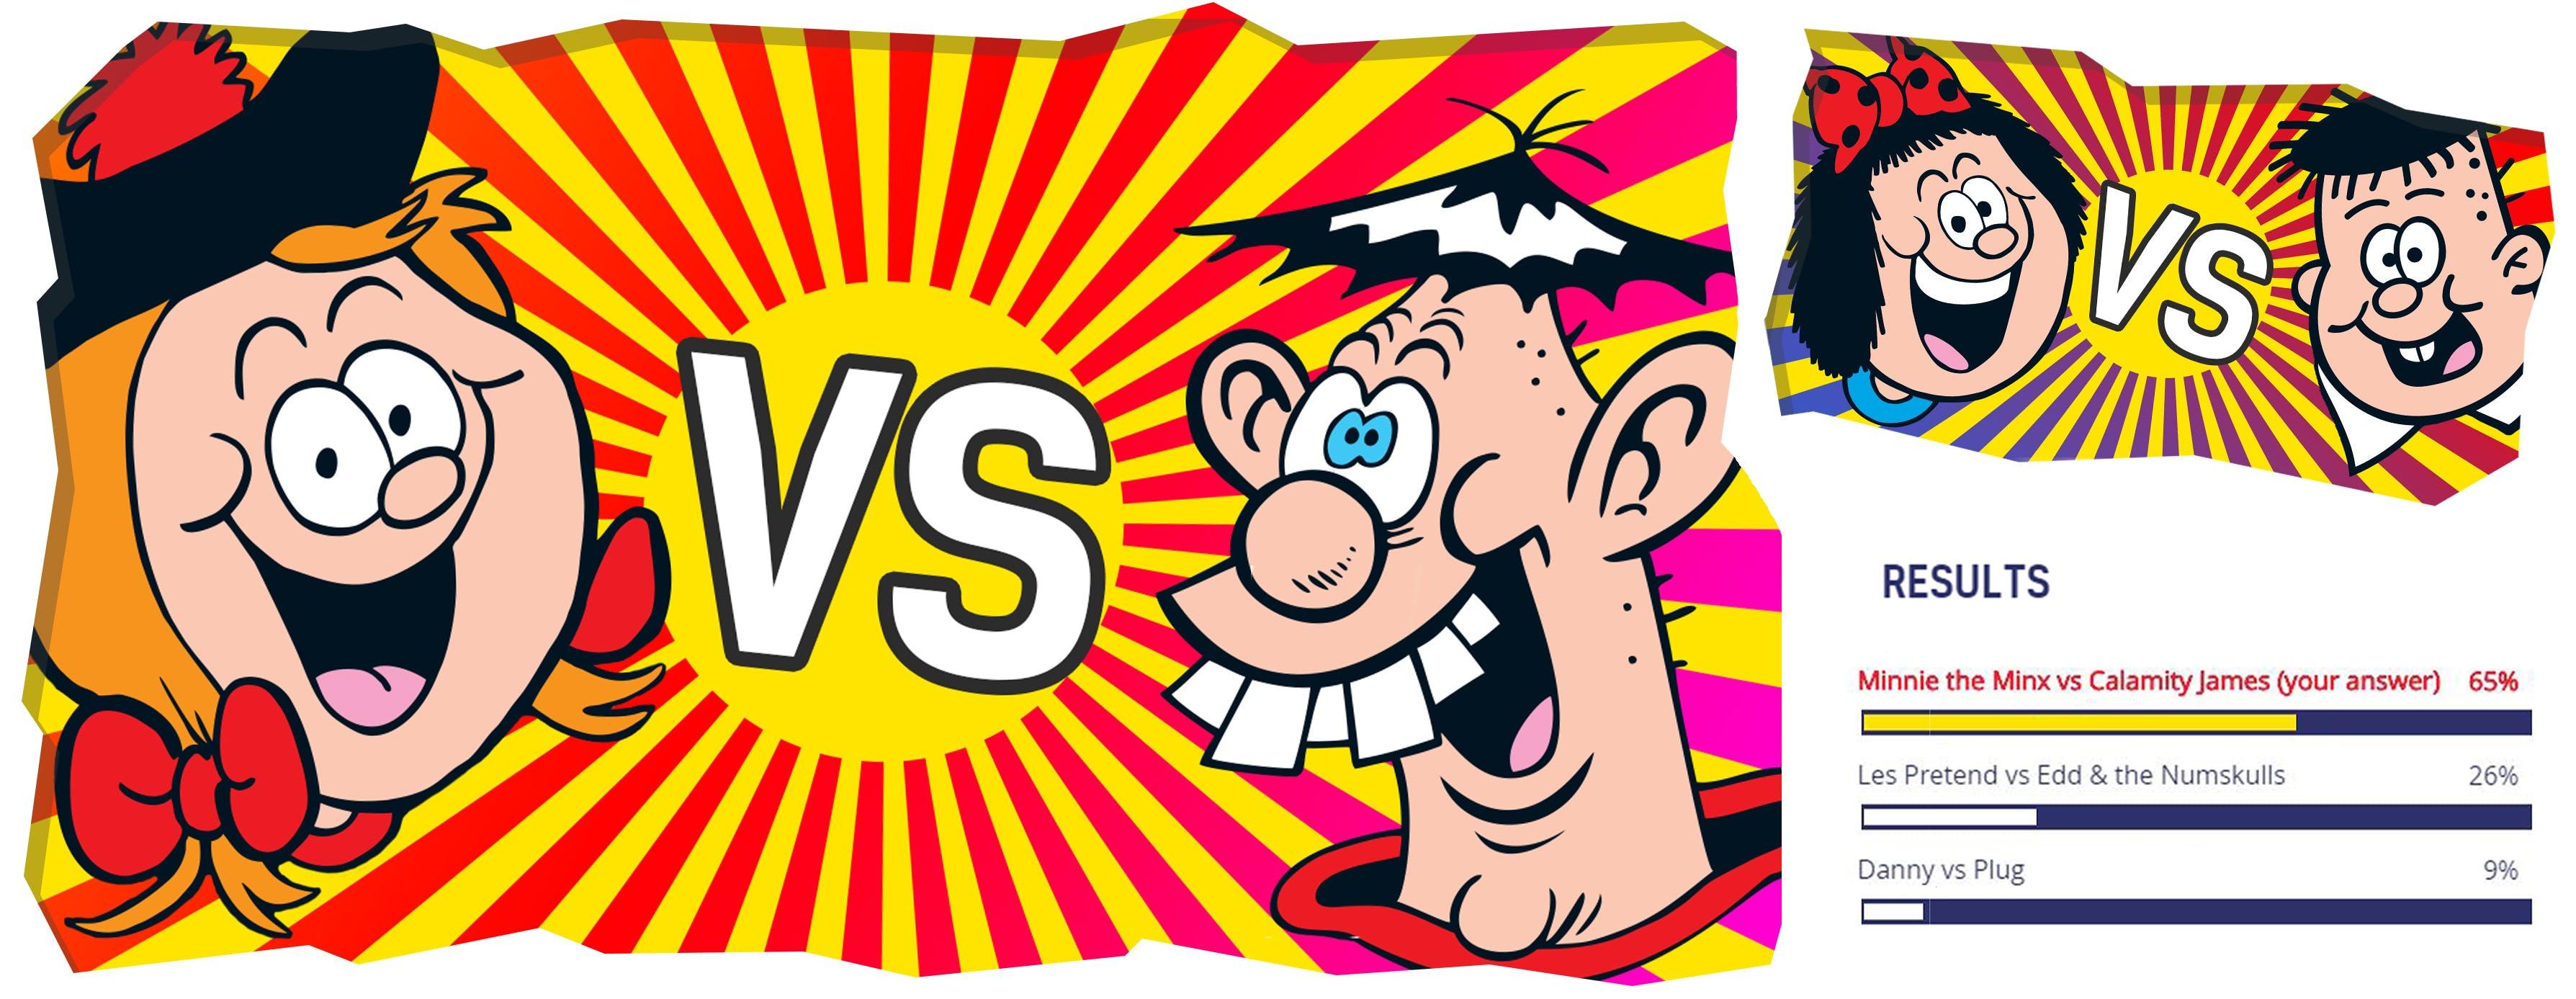 Minnie the Minx versus Calamity James